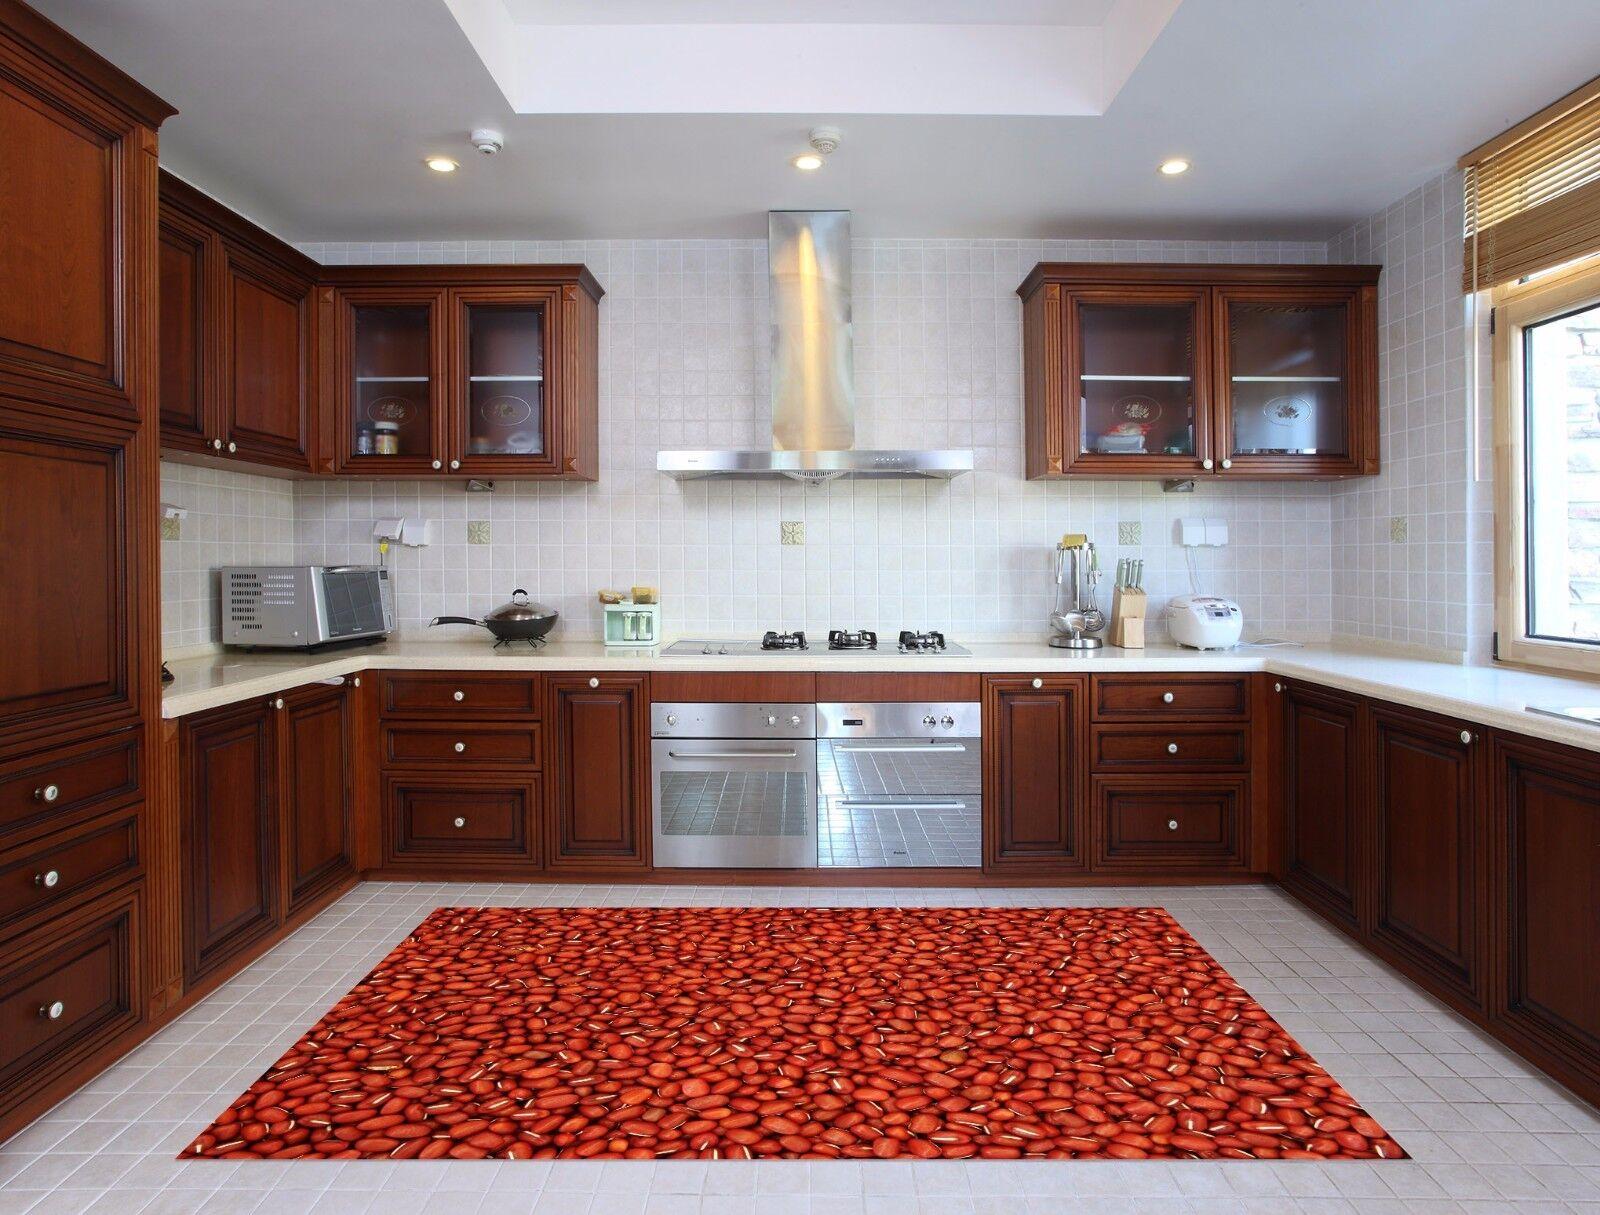 3D ROT Beans 5 Kitchen Mat Floor Murals Wall Print Wall AJ WALLPAPER AU Kyra